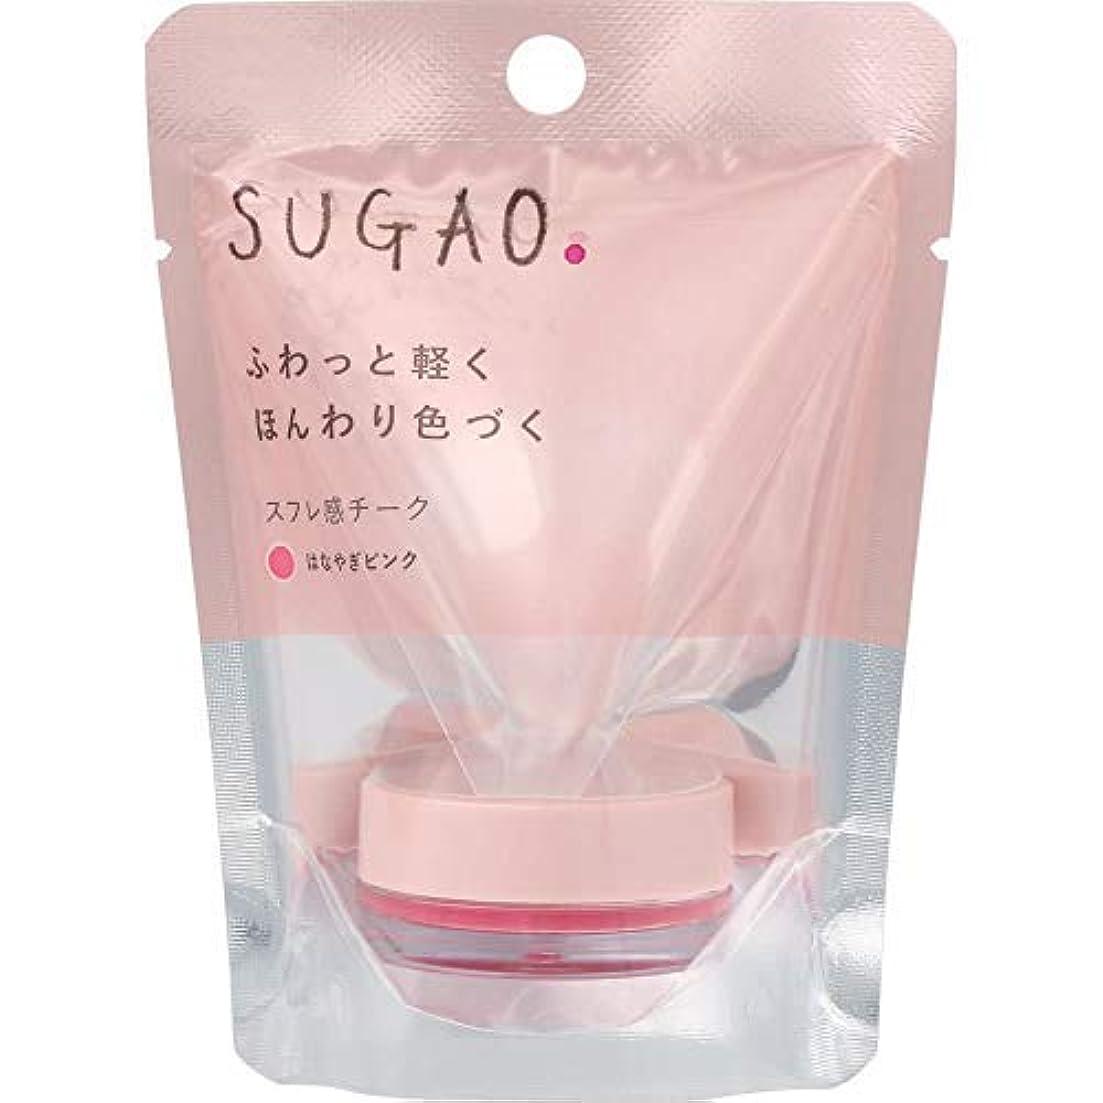 見通しドラゴンママSUGAO スフレ感チーク はなやぎピンク × 3個セット